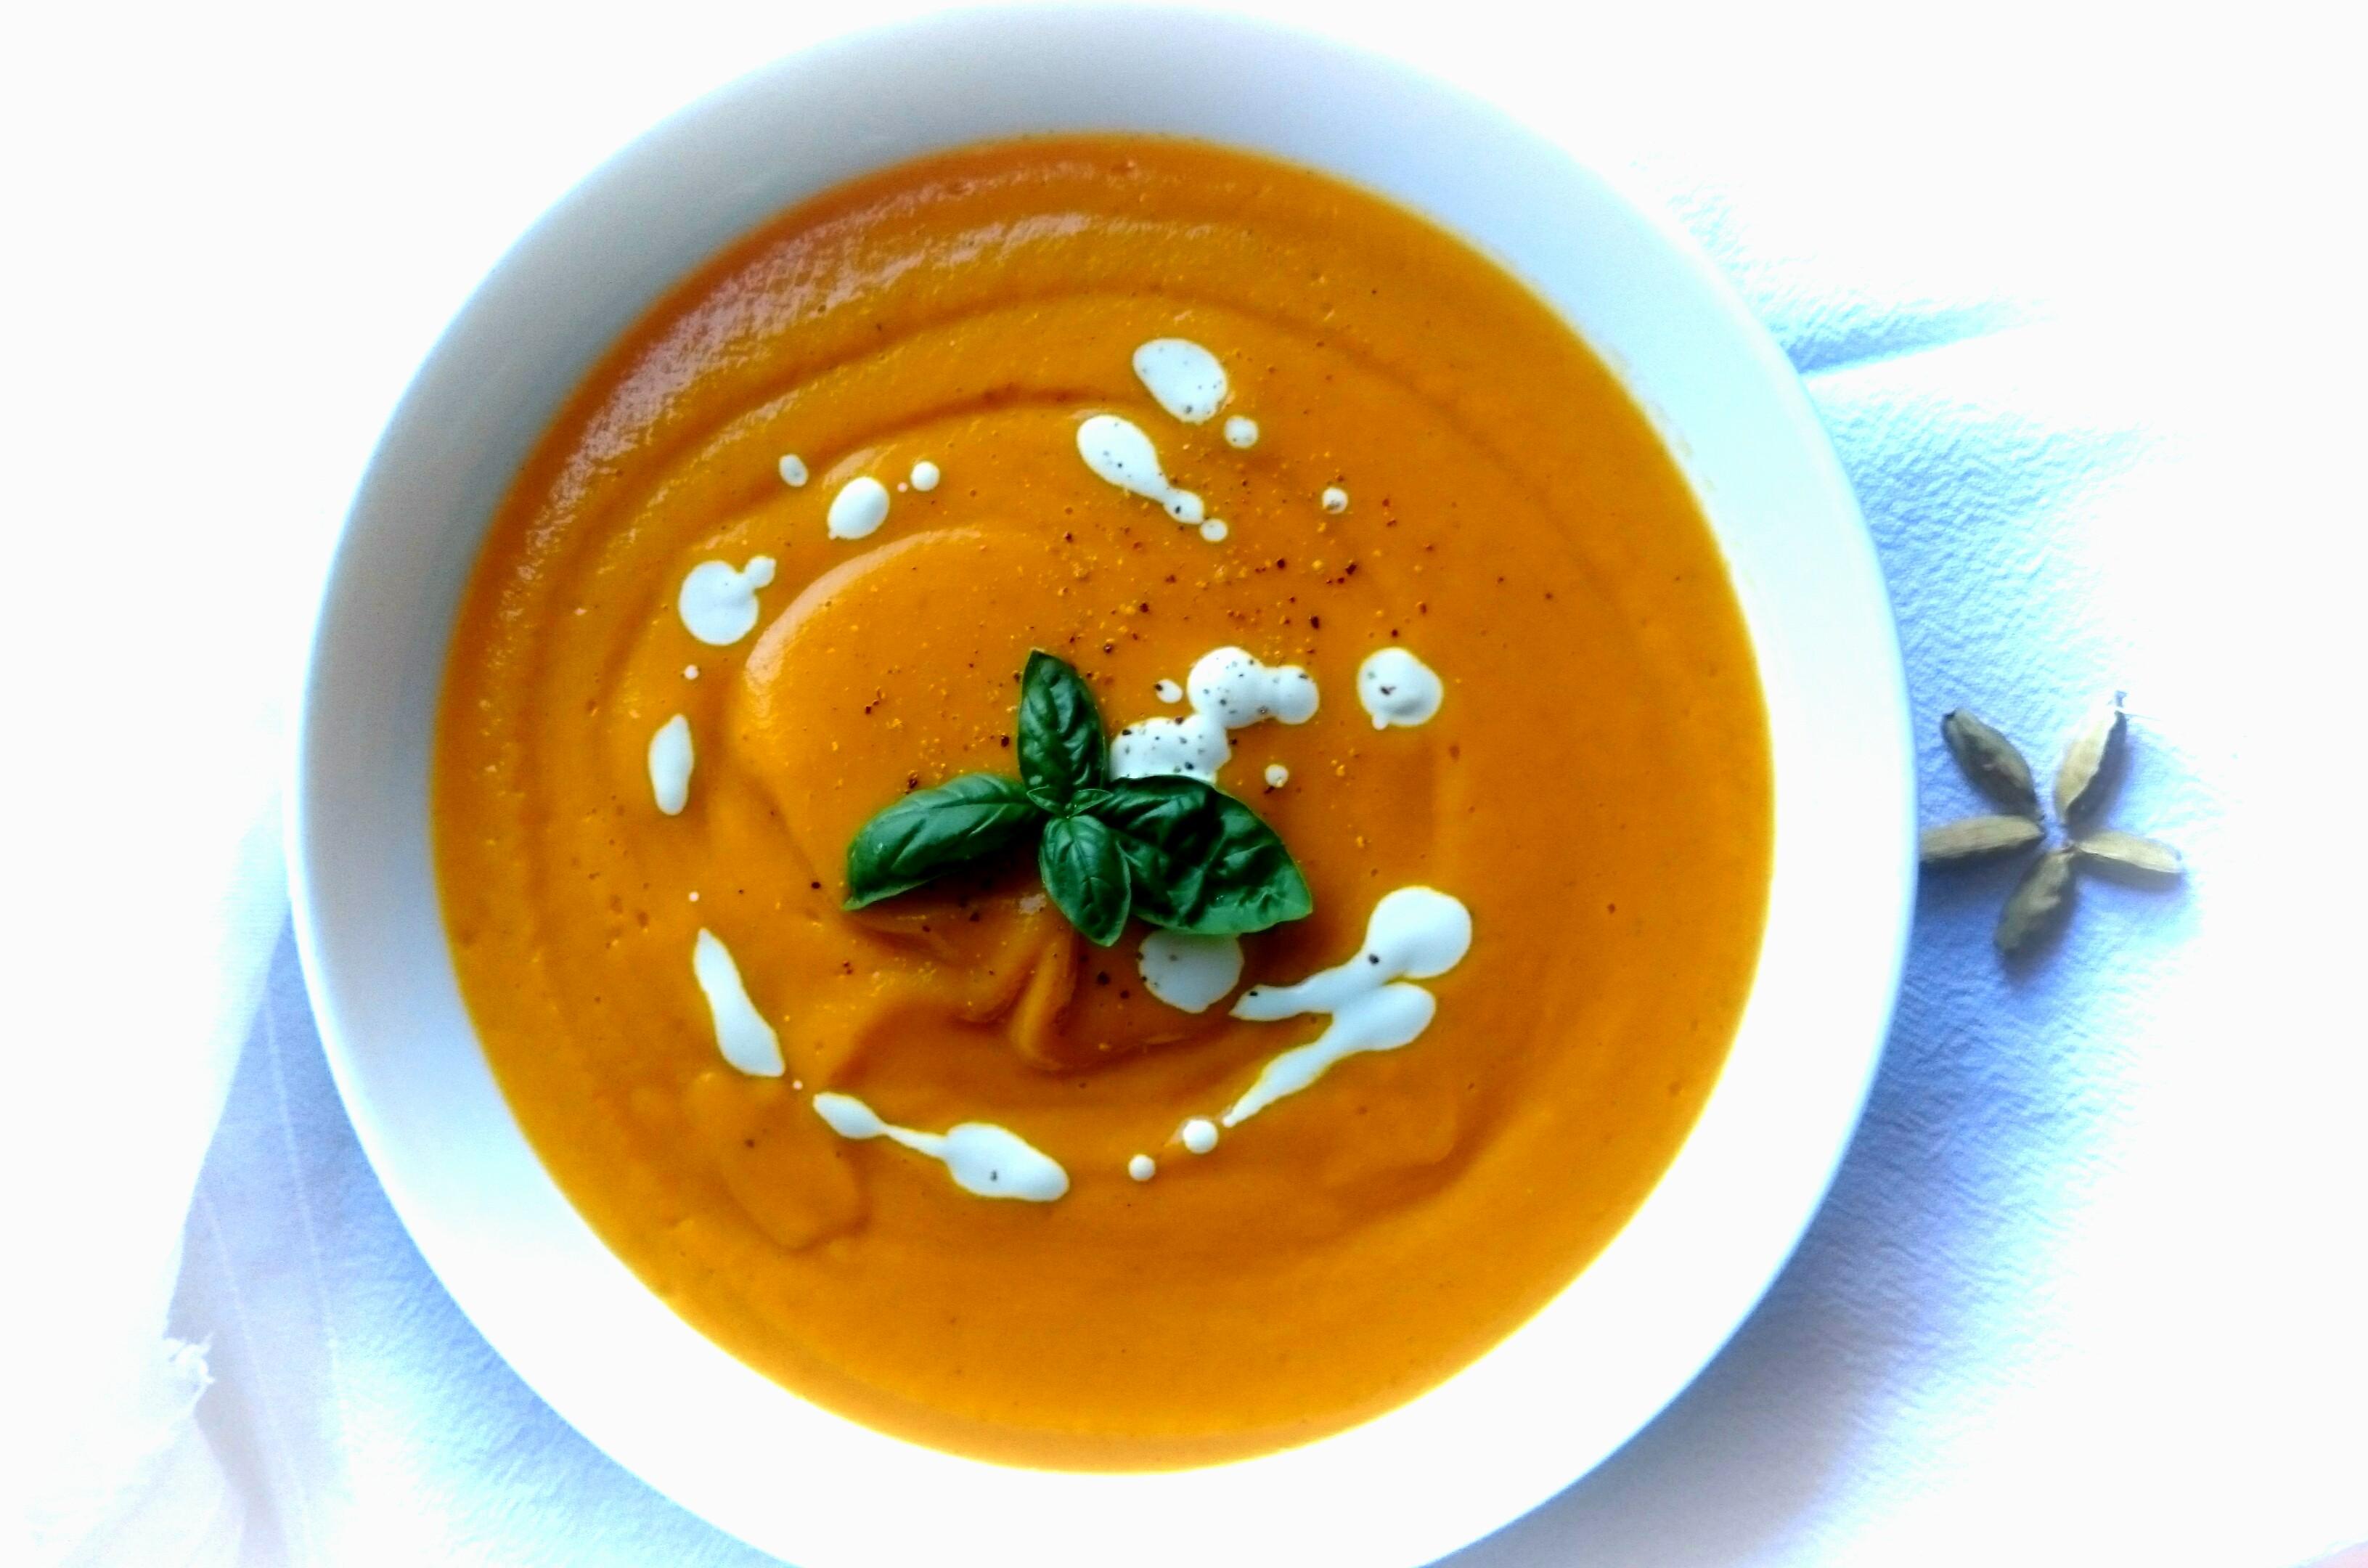 corso base e alimentazione cucina salutare modena - Corsi Cucina Modena